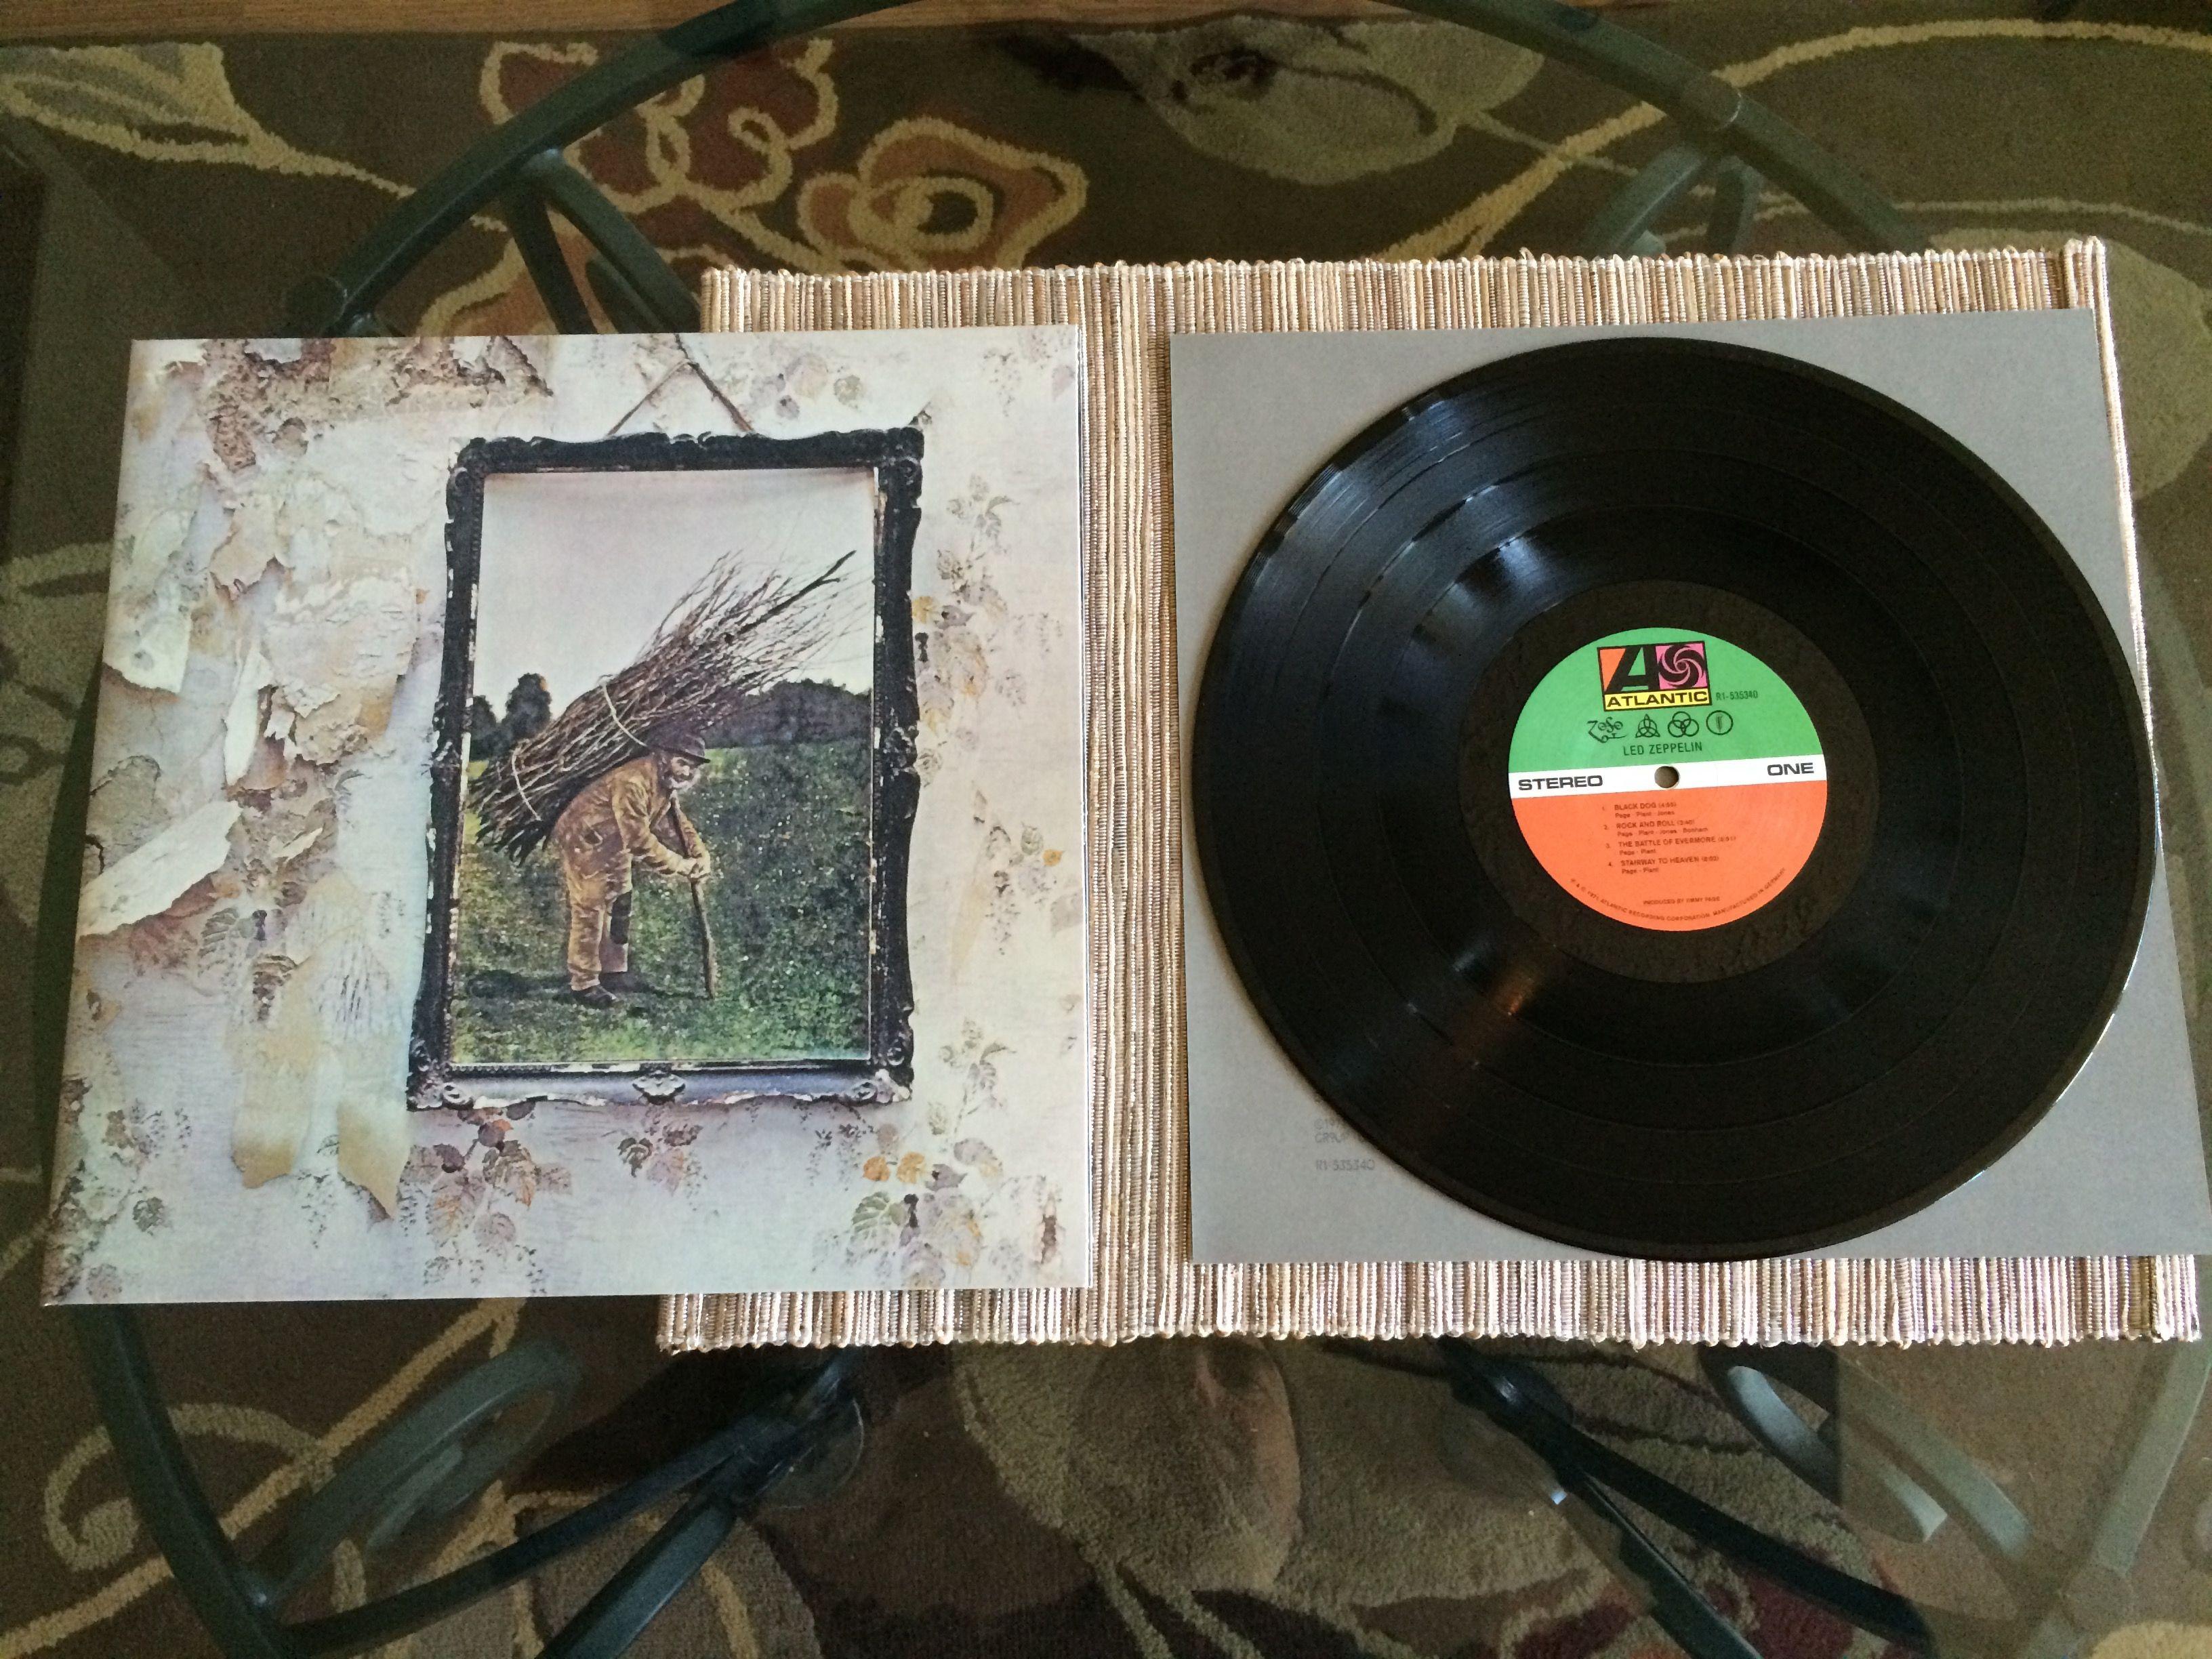 11  Blog  Led Zeppelin-IV Super Deluxe Edition www vinyl